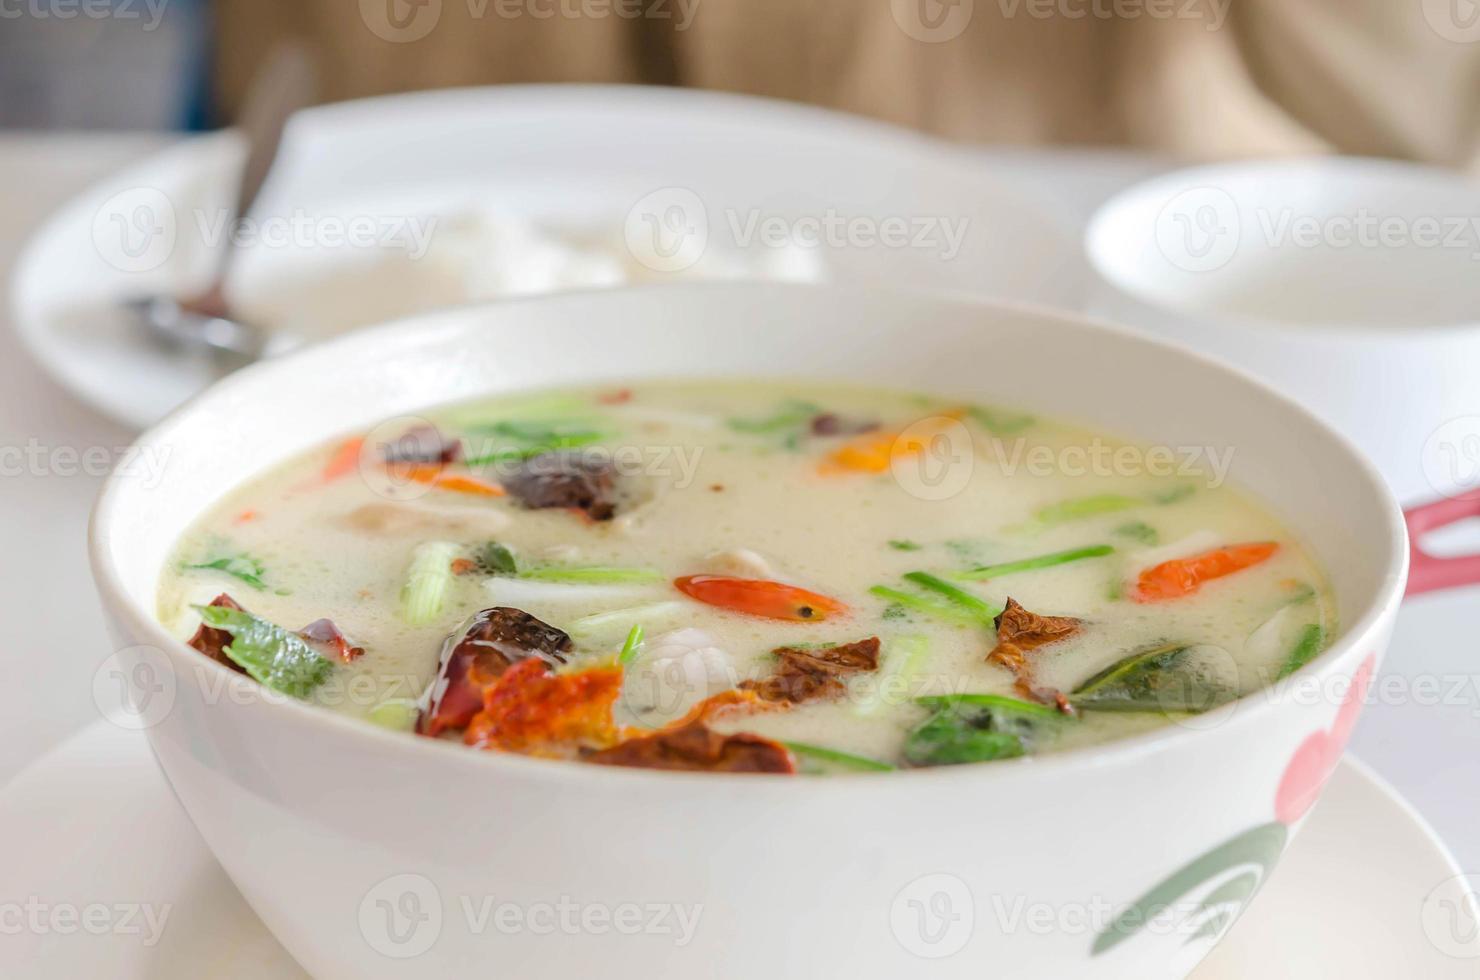 sopa de pollo tailandesa en leche de coco foto